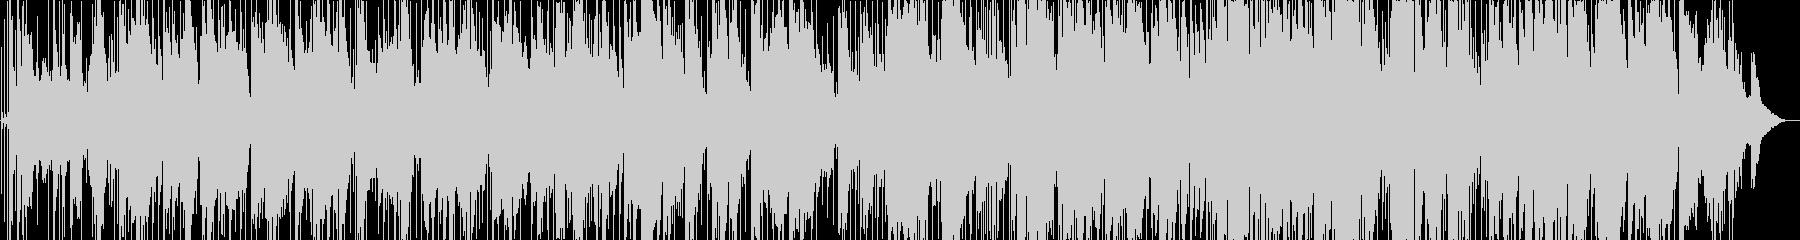 低音と2つのトランペットを含むクイ...の未再生の波形